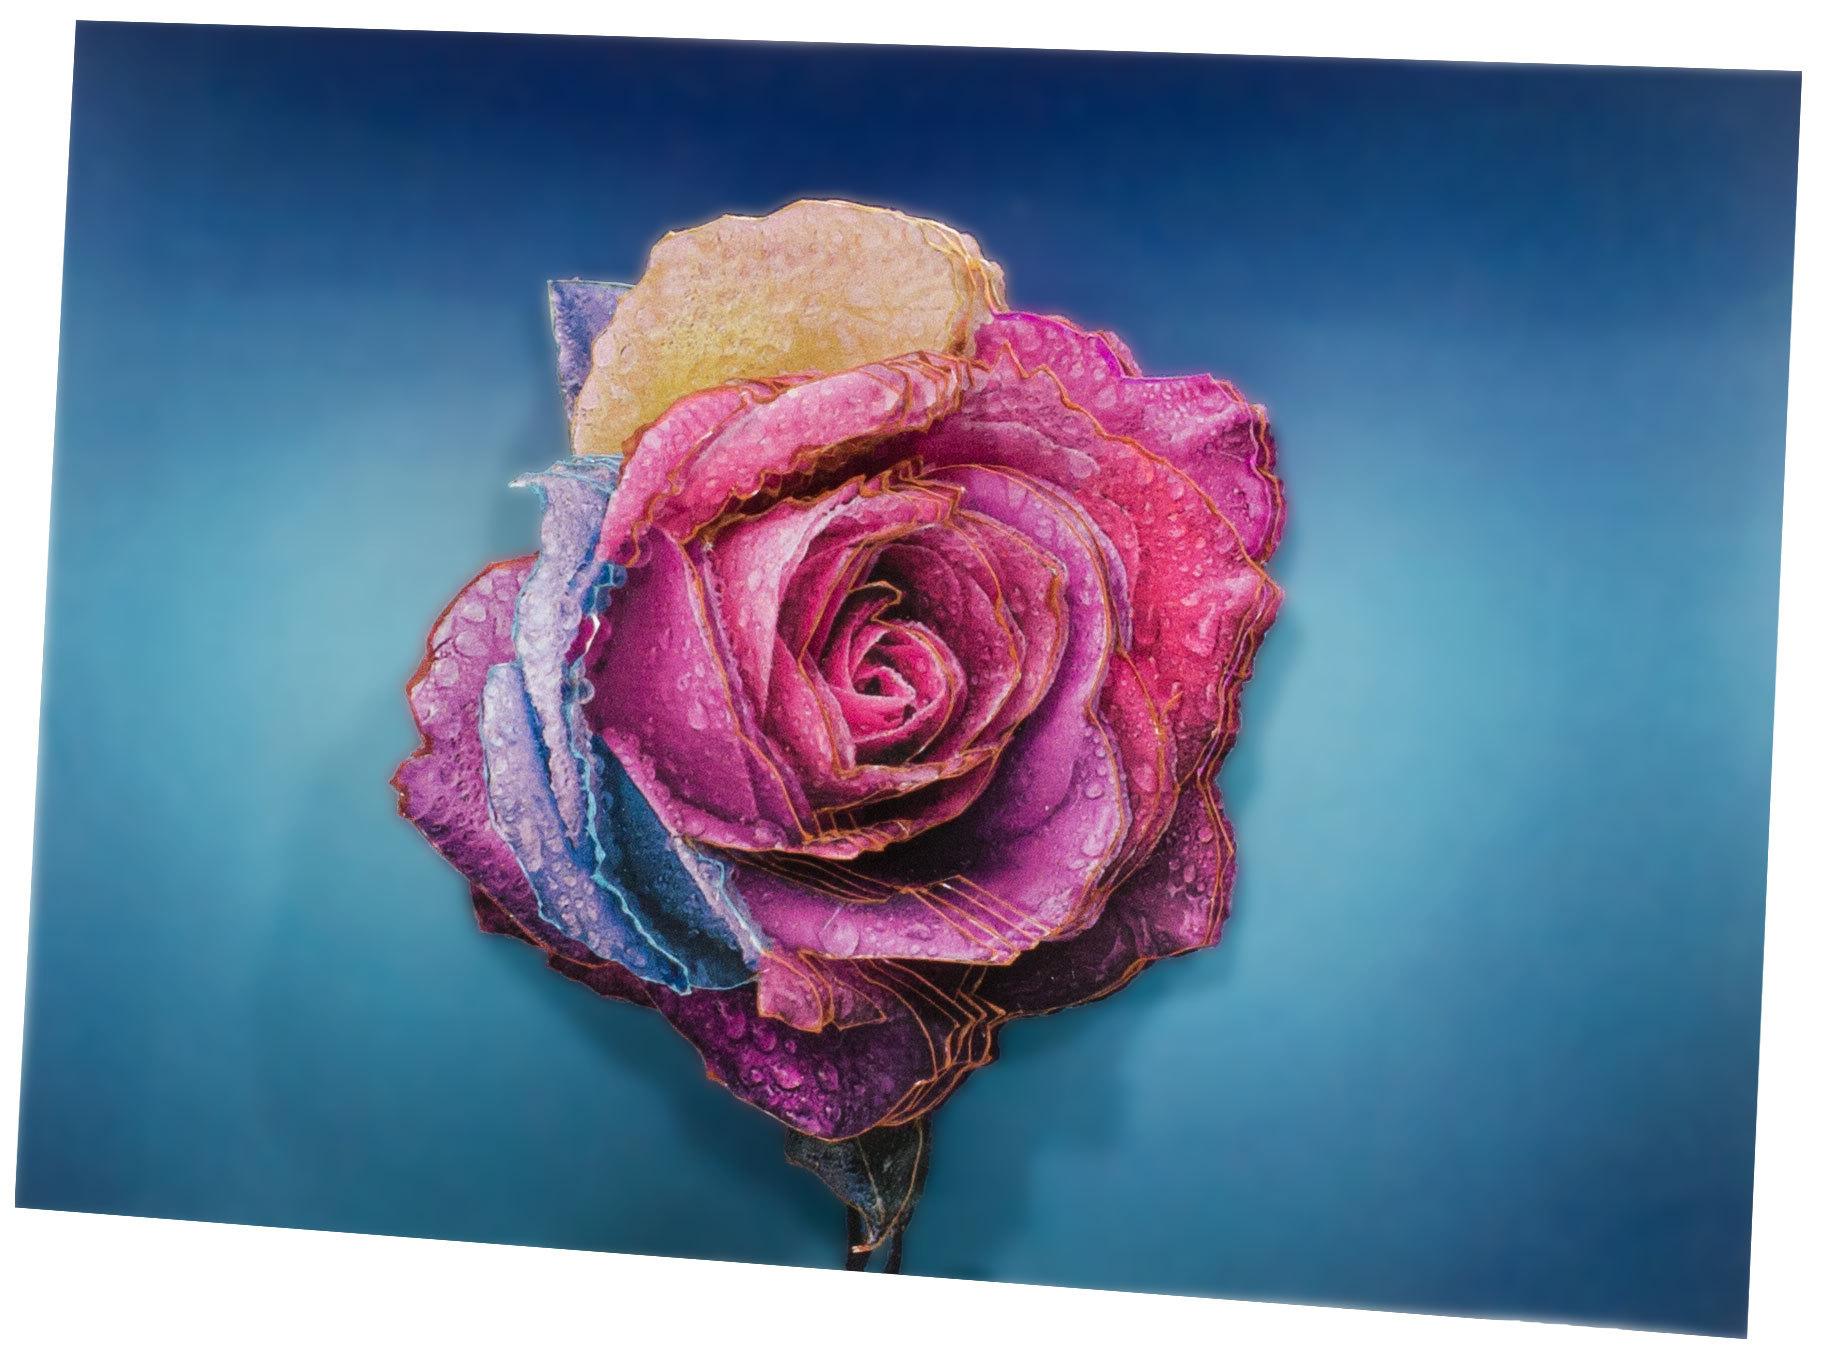 Папертоль Радужная роза — готовая работа, вид сбоку.